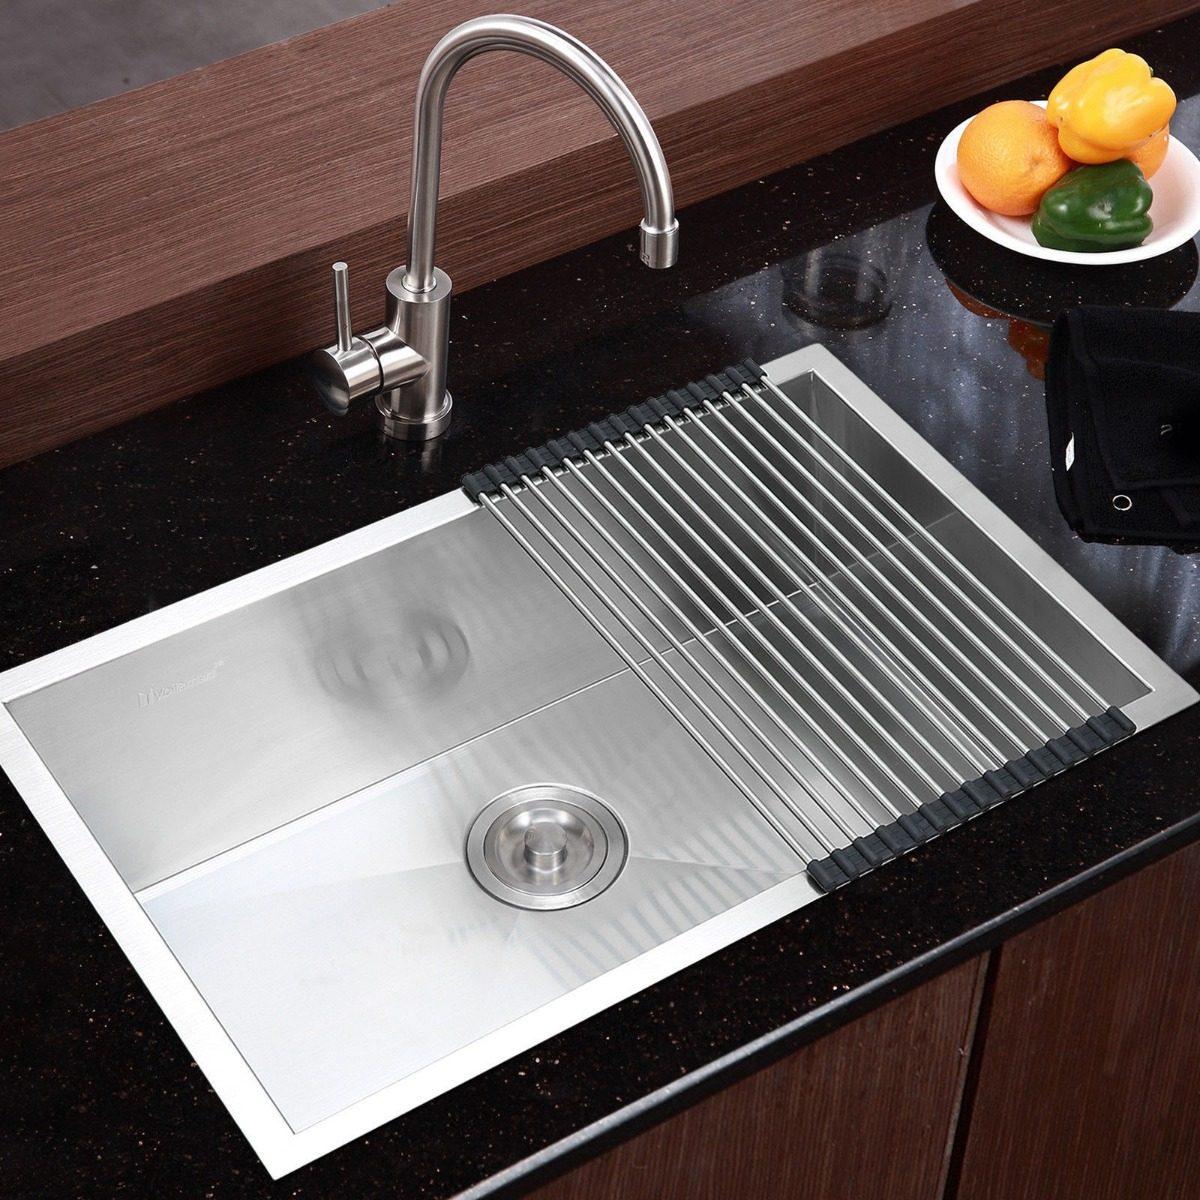 Fregadero de cocina en acero inoxidable para montaje - Fregaderos de acero inoxidable ...